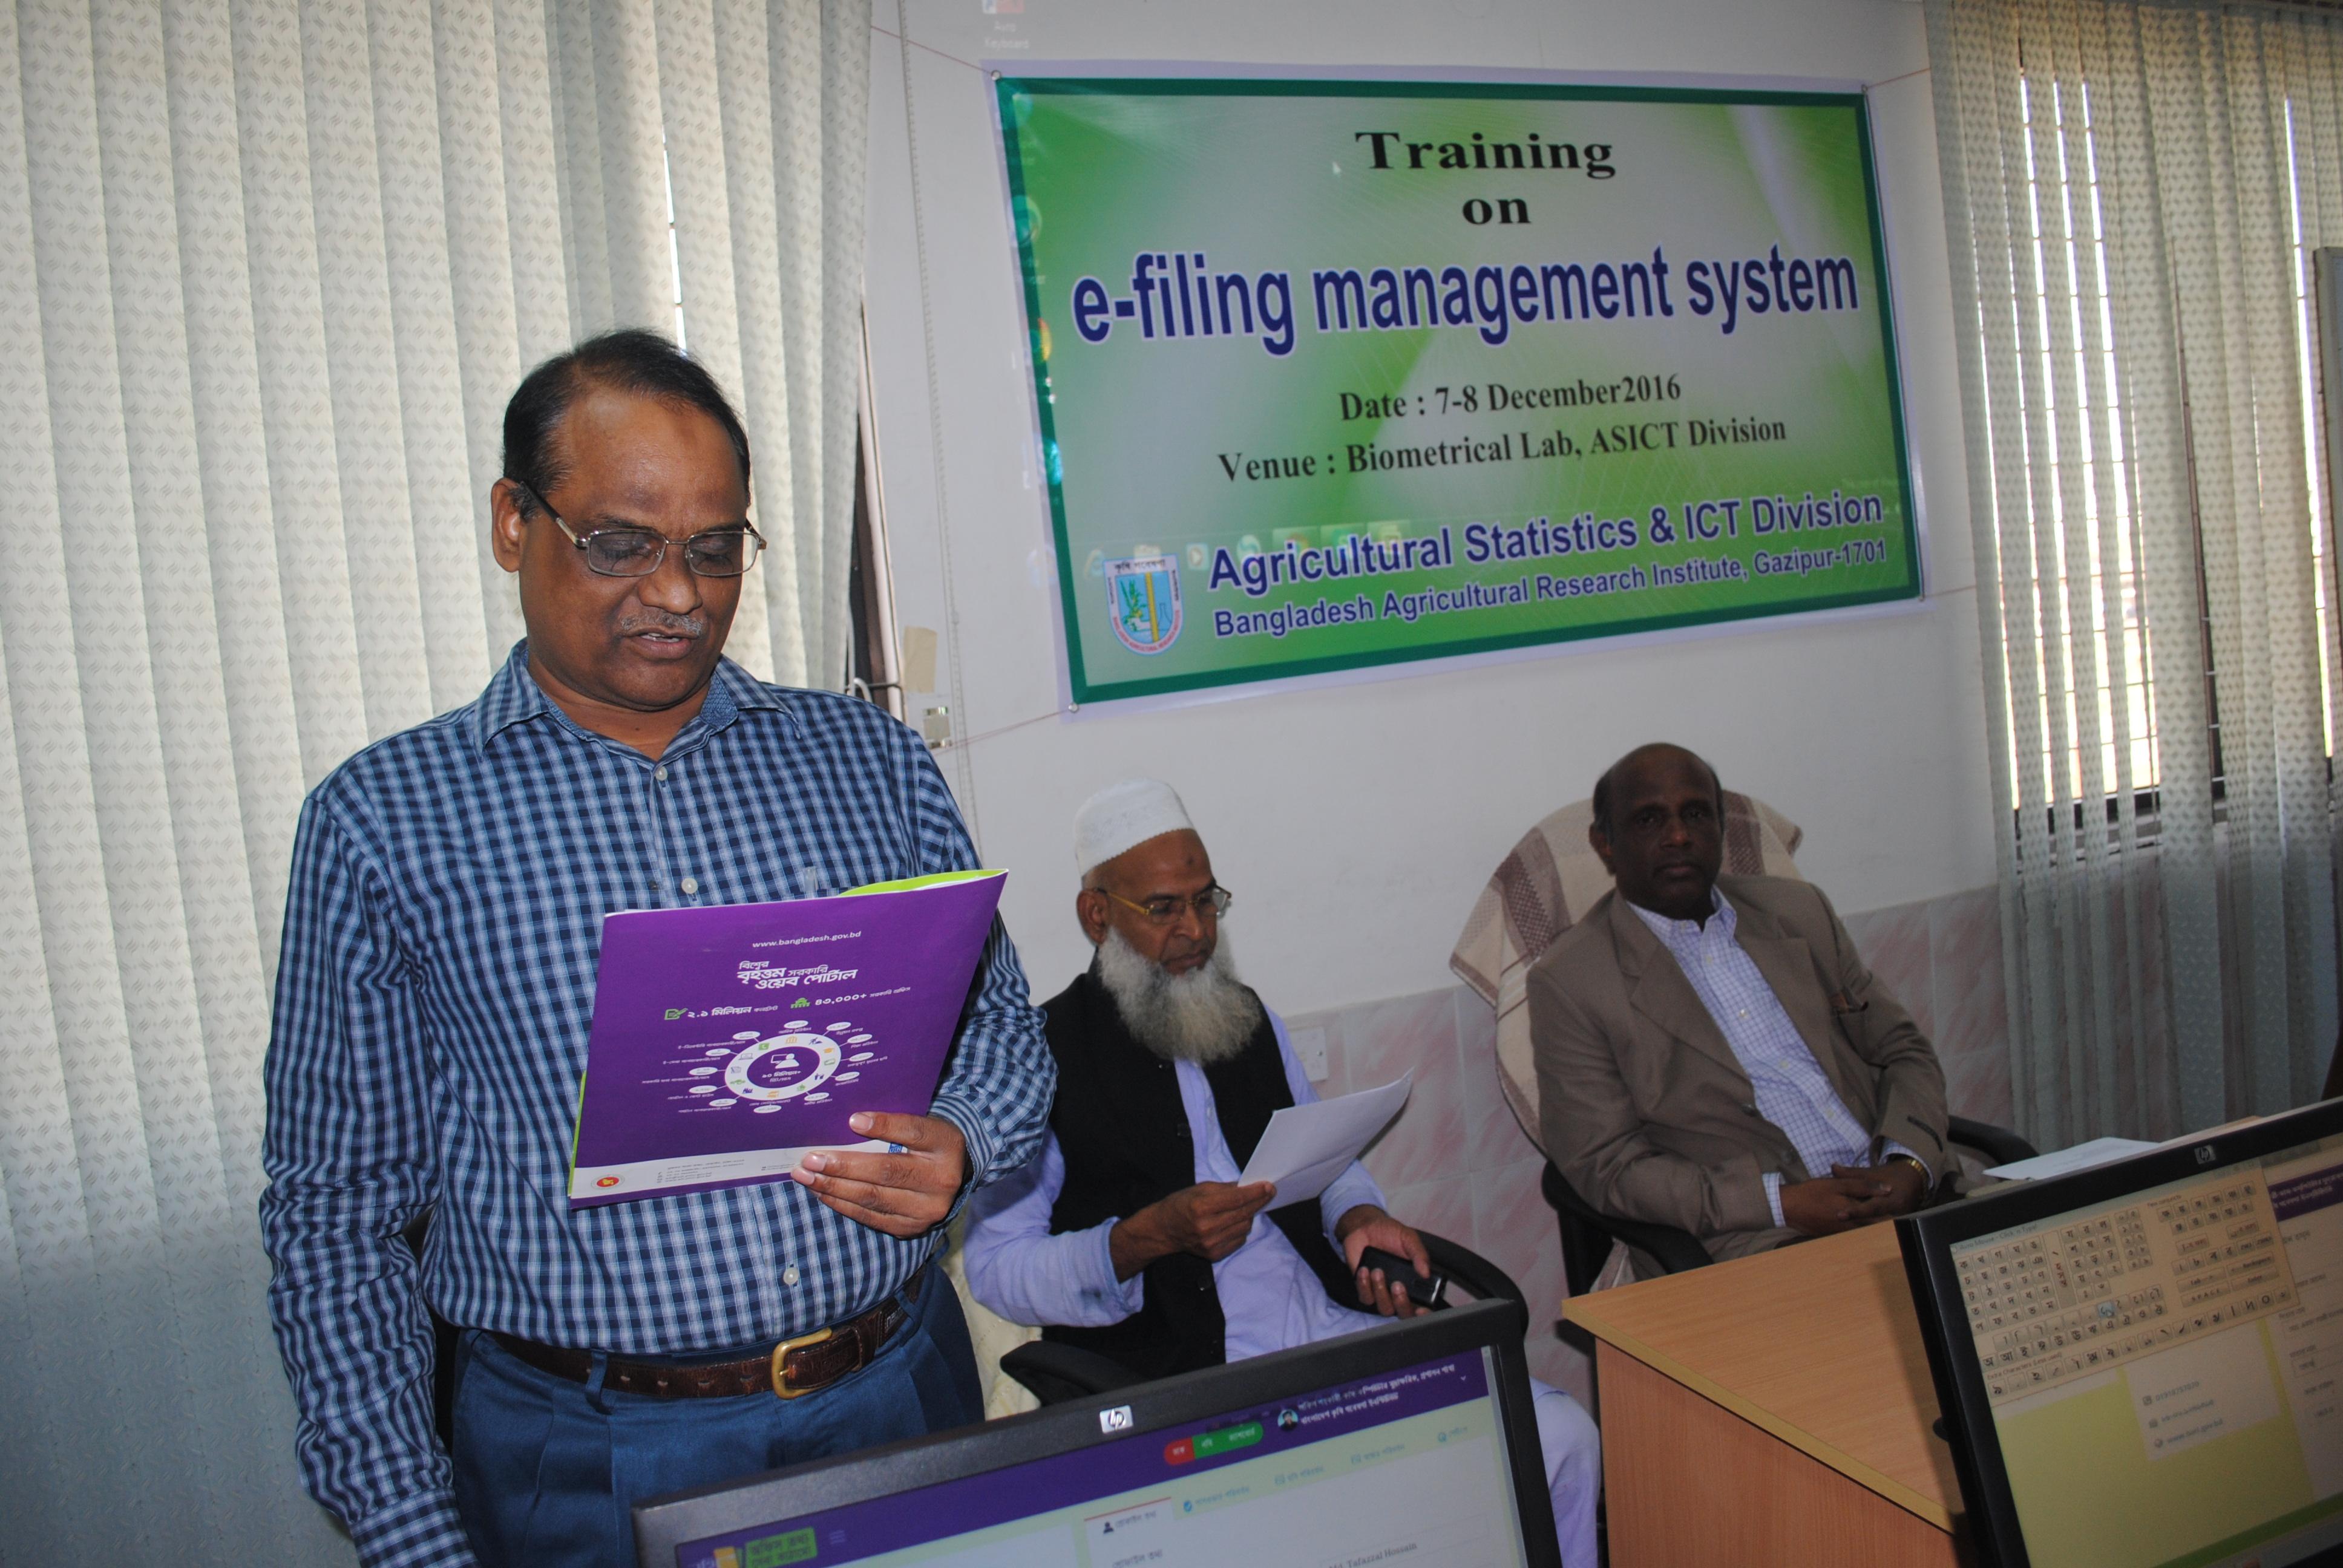 বারি তে 'e-filing management system' শীর্ষক প্রশিক্ষণ ব্যাচ-৩